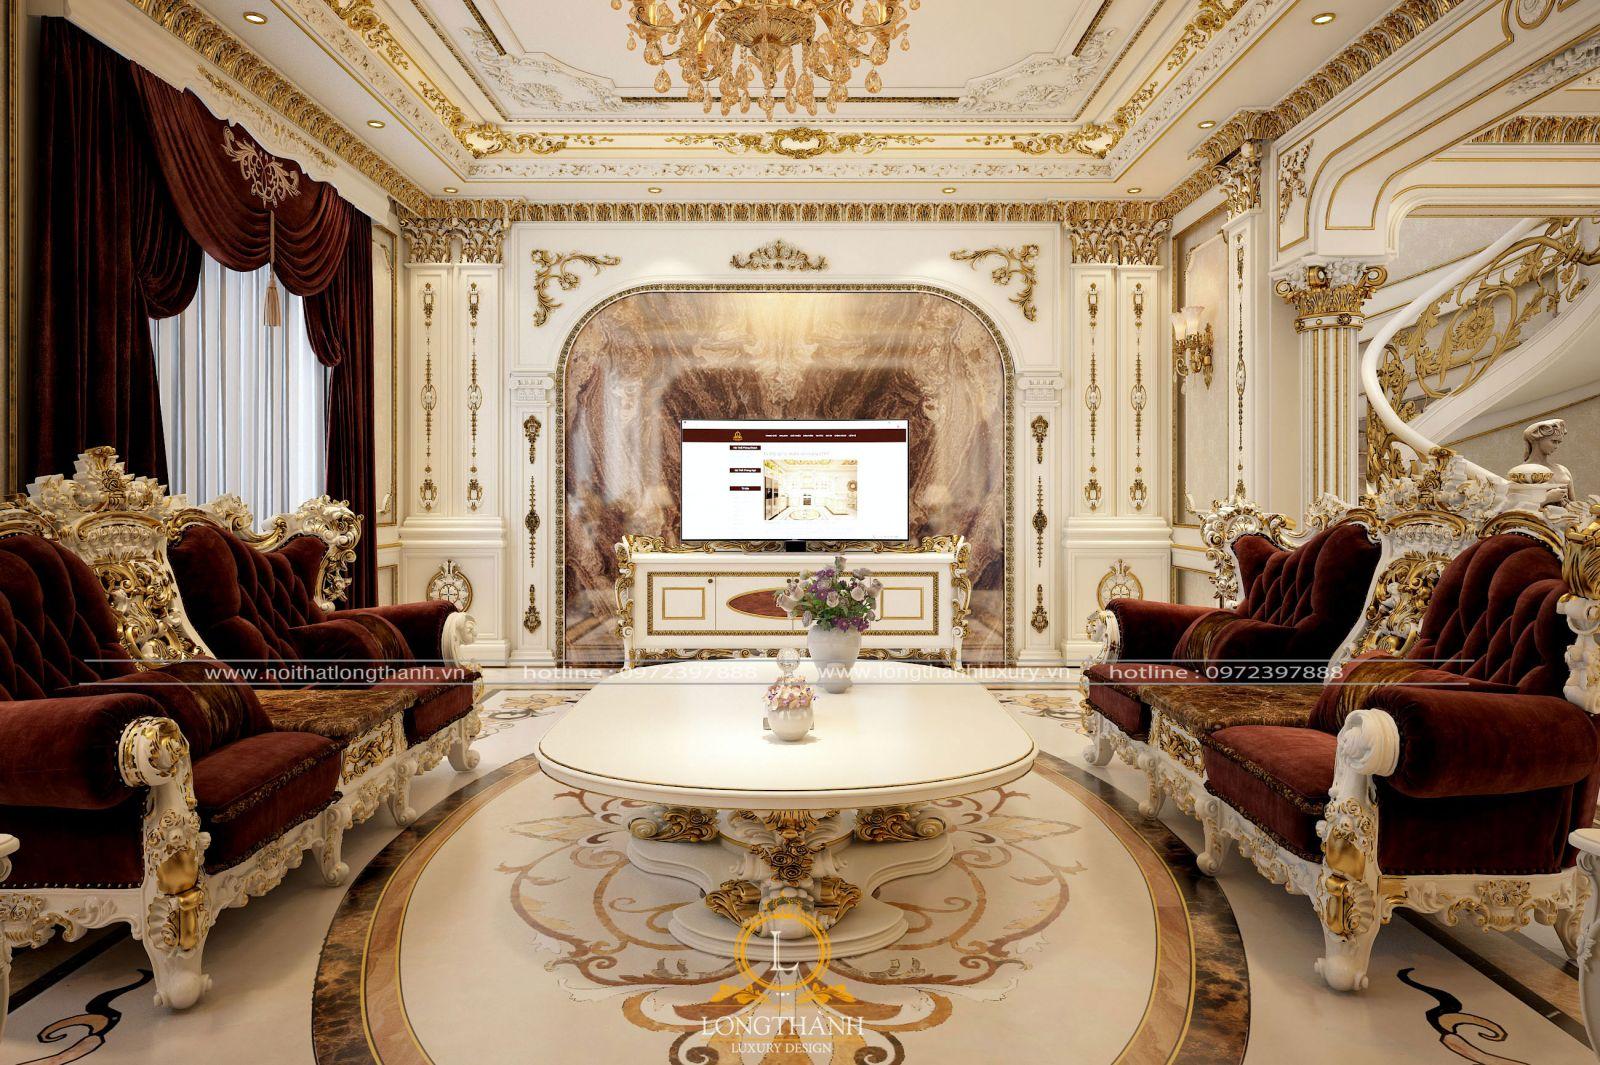 Mẫu mãbàn trà, kệ ti vi đều phù hợp với tổng thể nội thất phòng khách